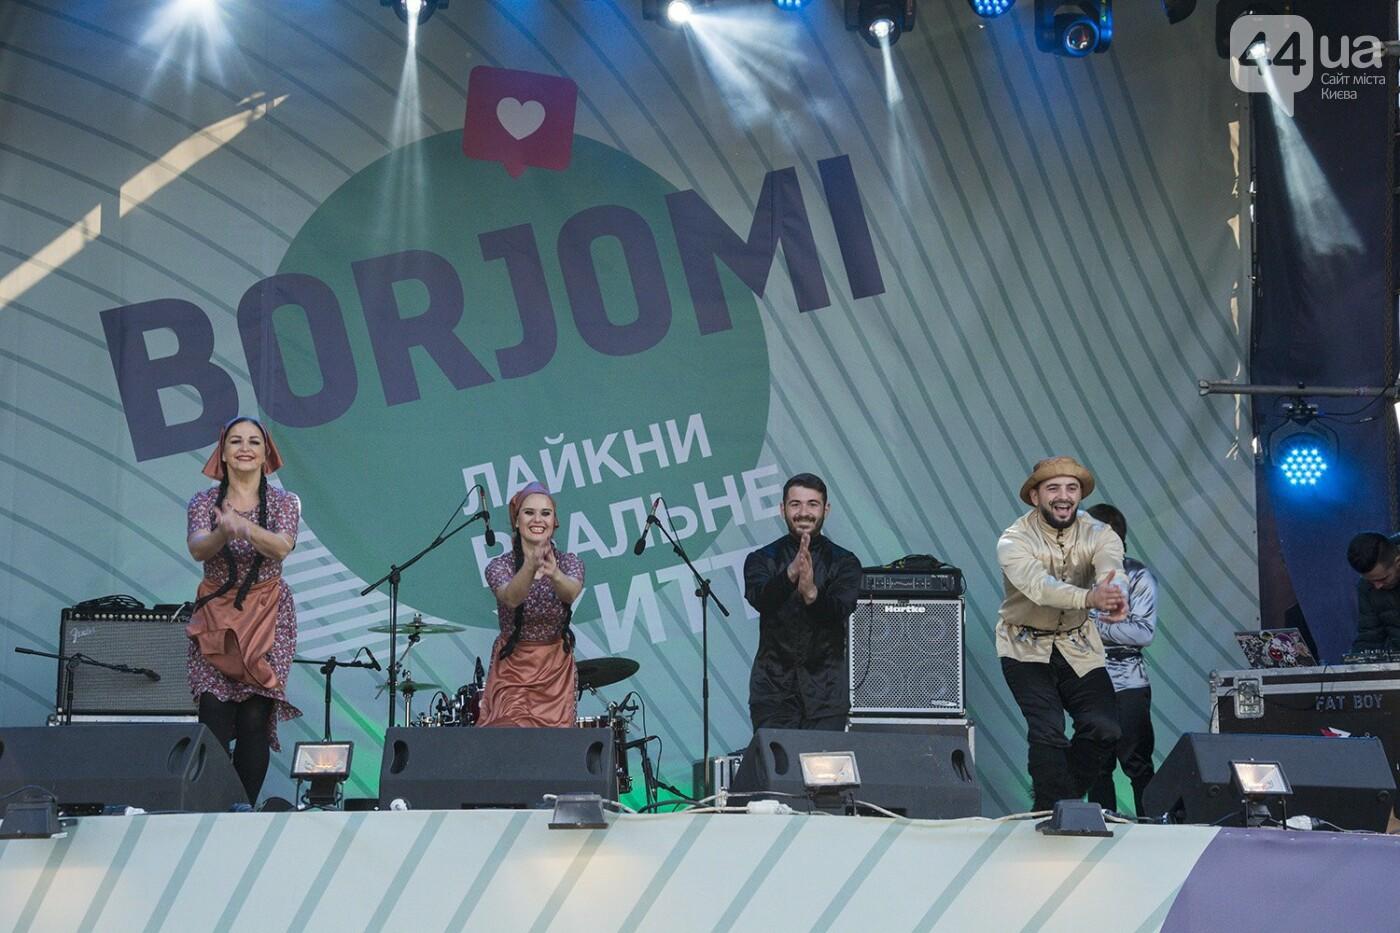 Хачапури и зажигательные танцы: как в Киеве прошел Borjomi Fest-2018, - ФОТОРЕПОРТАЖ, фото-18